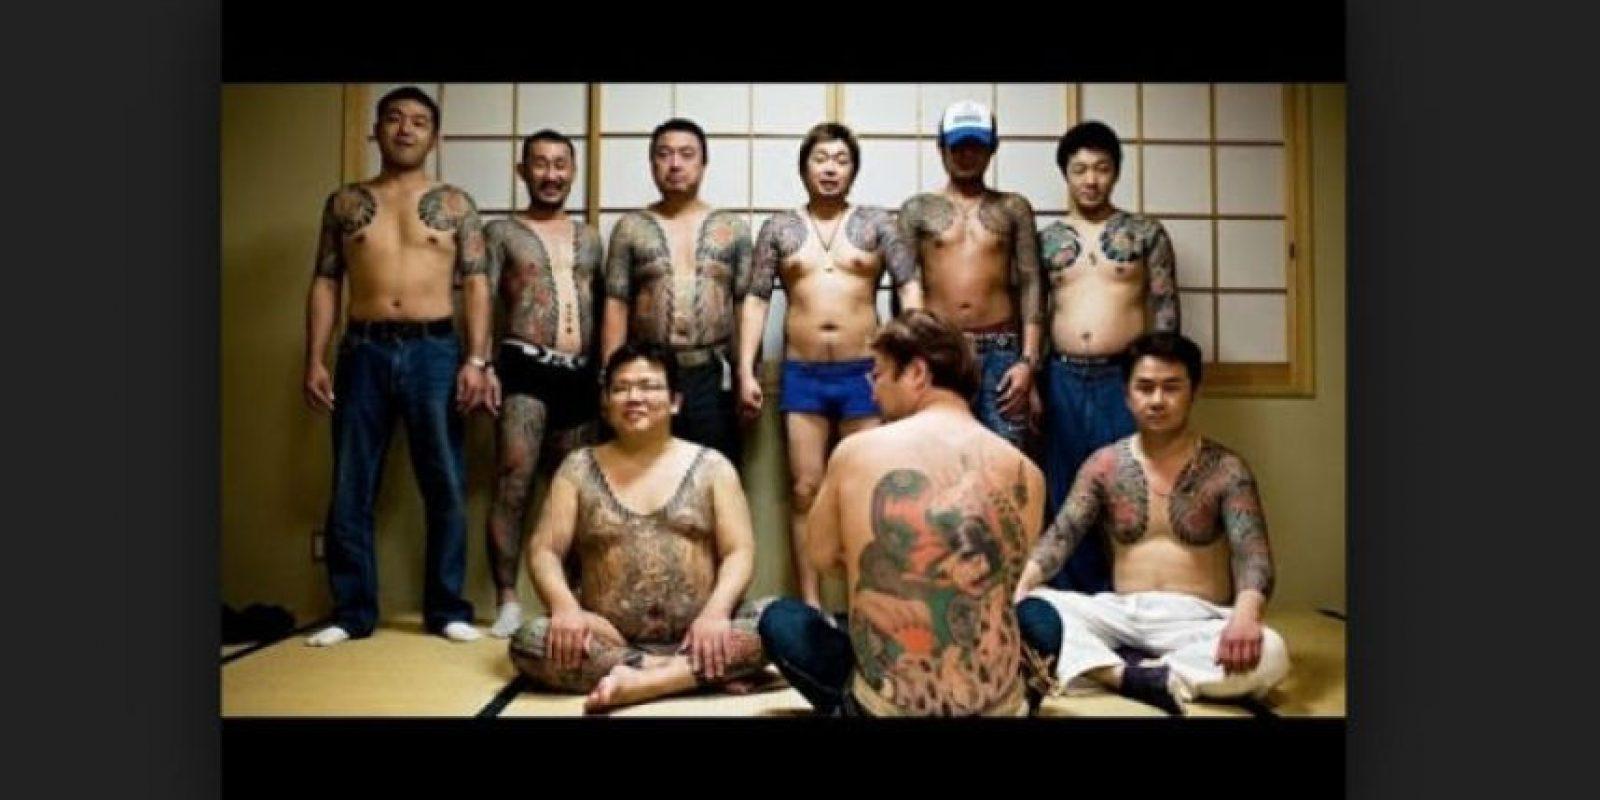 El origen de la palabra no se conoce con exactitud, pero se relaciona con un juego de cartas llamado Hanafuda. Foto:Youtube.com